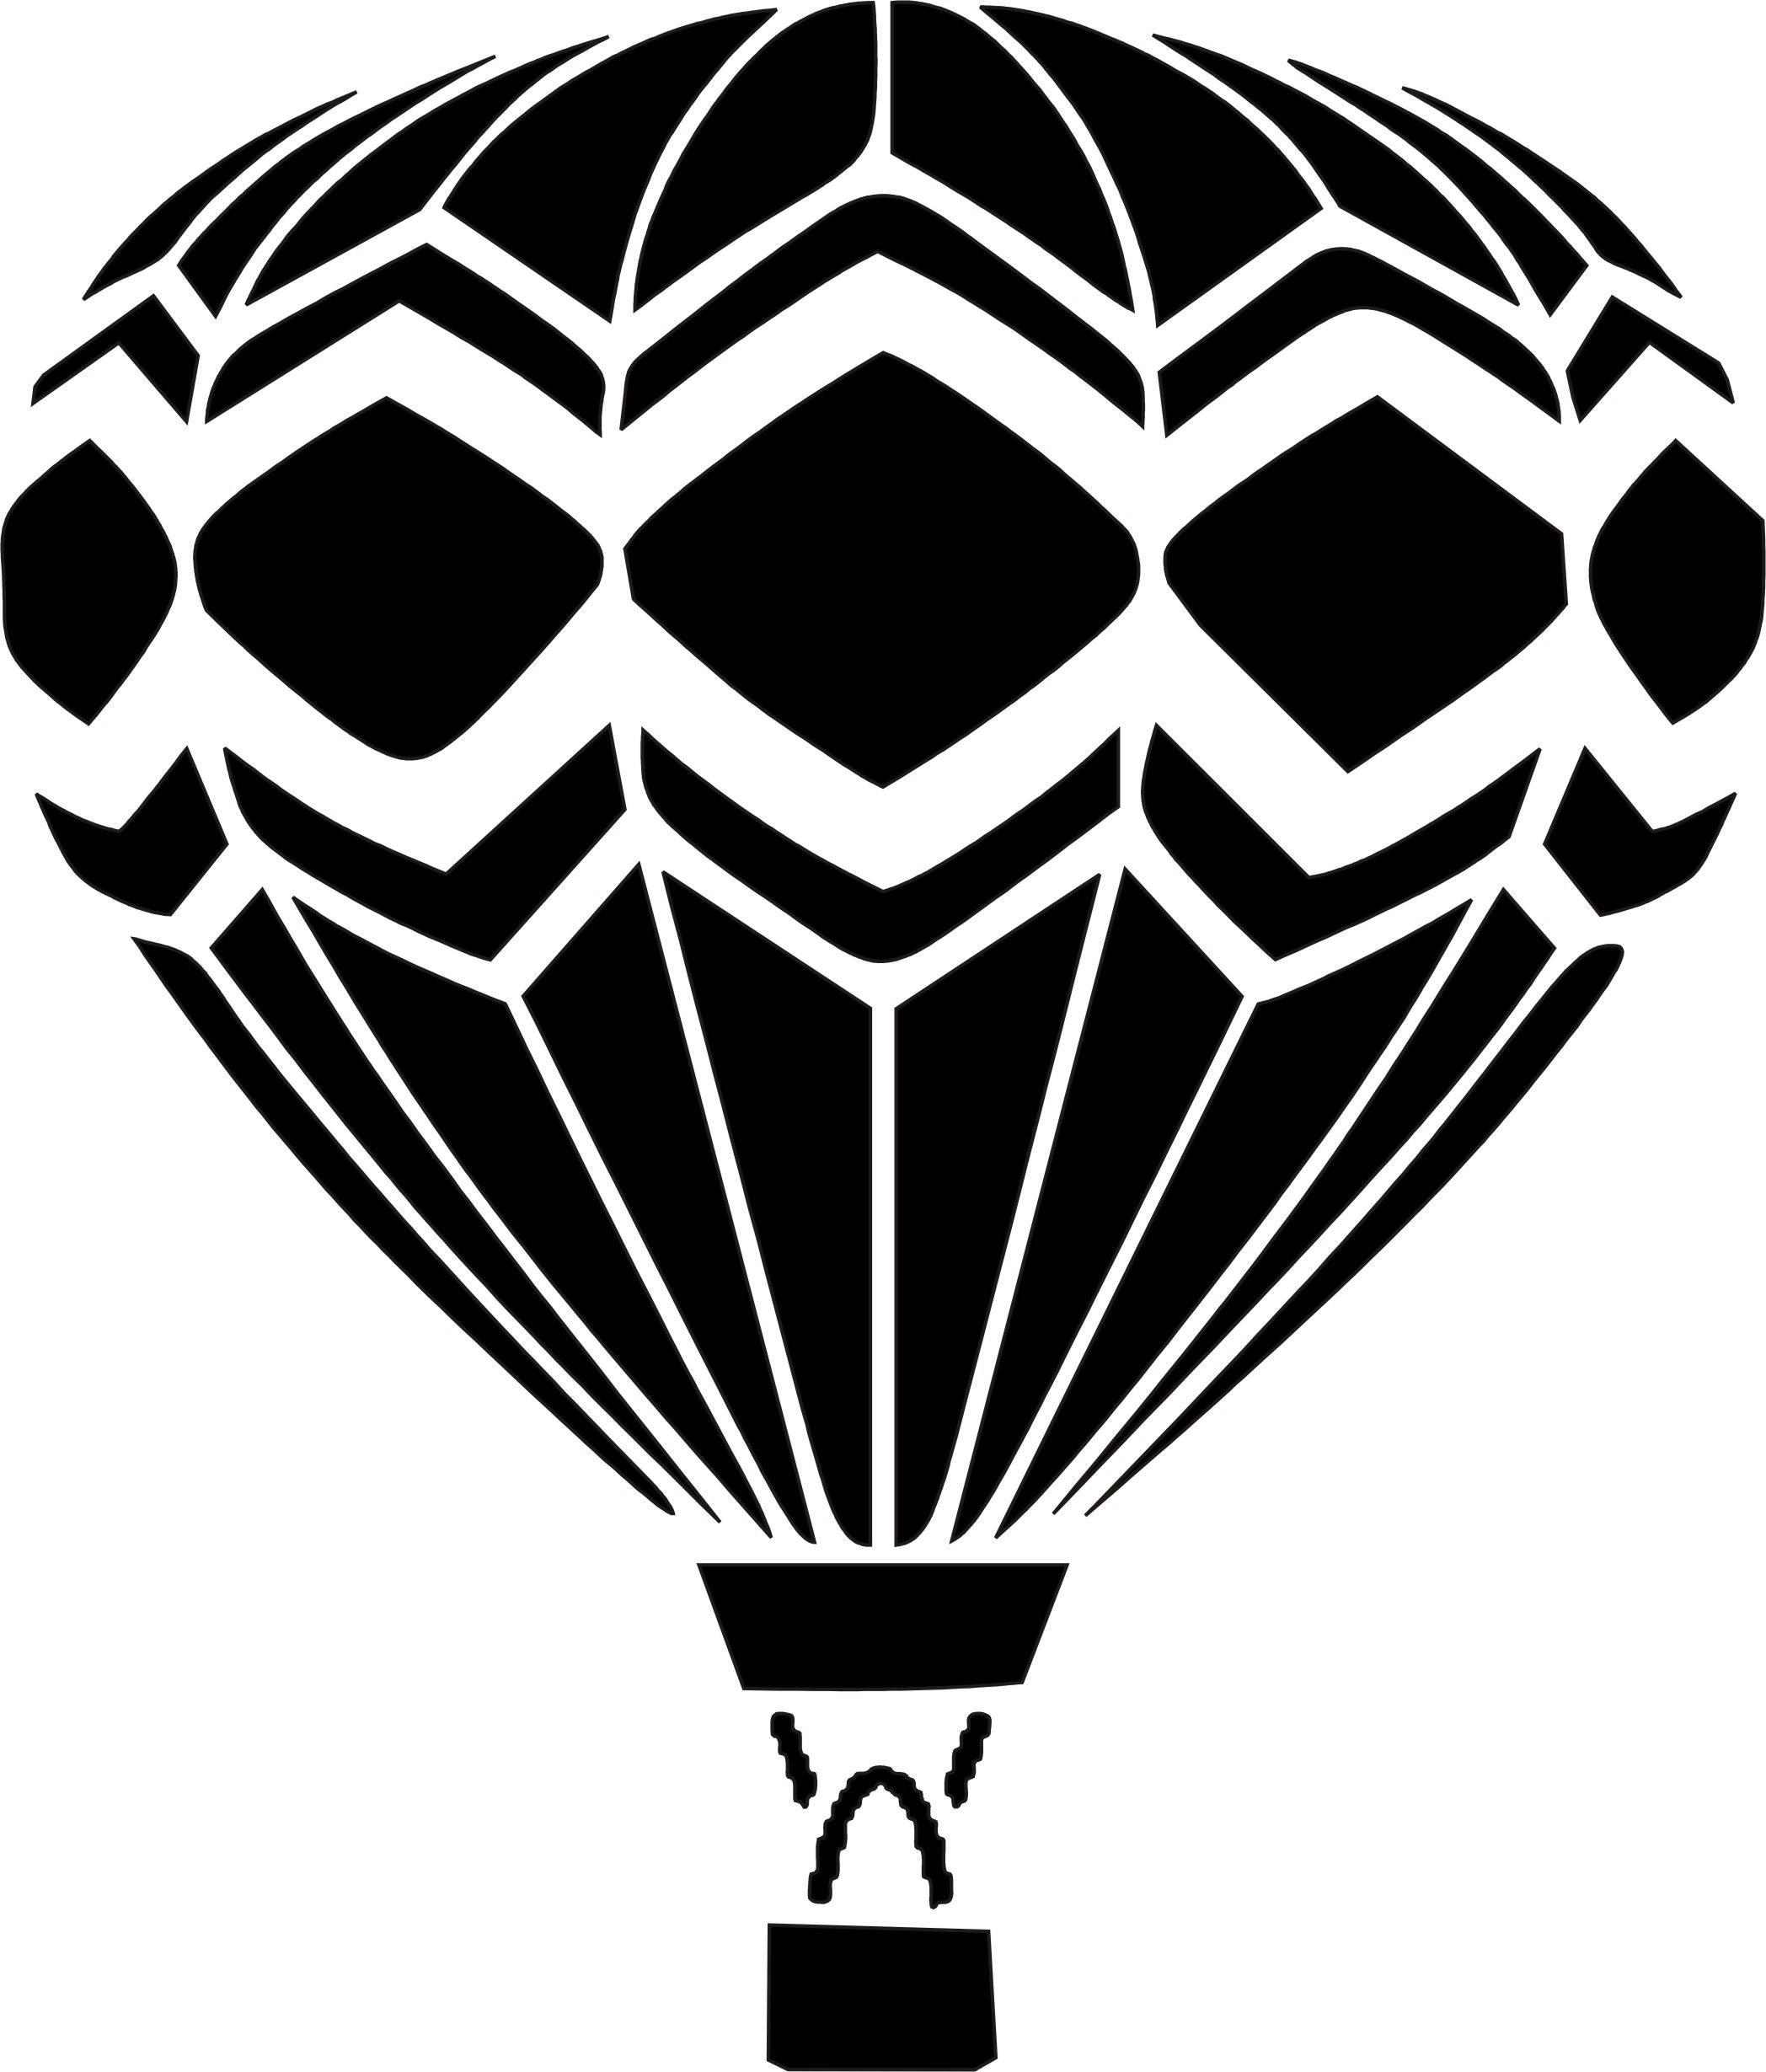 Eigenmarke Stencil Schablone Heißluft Ballon Graffiti